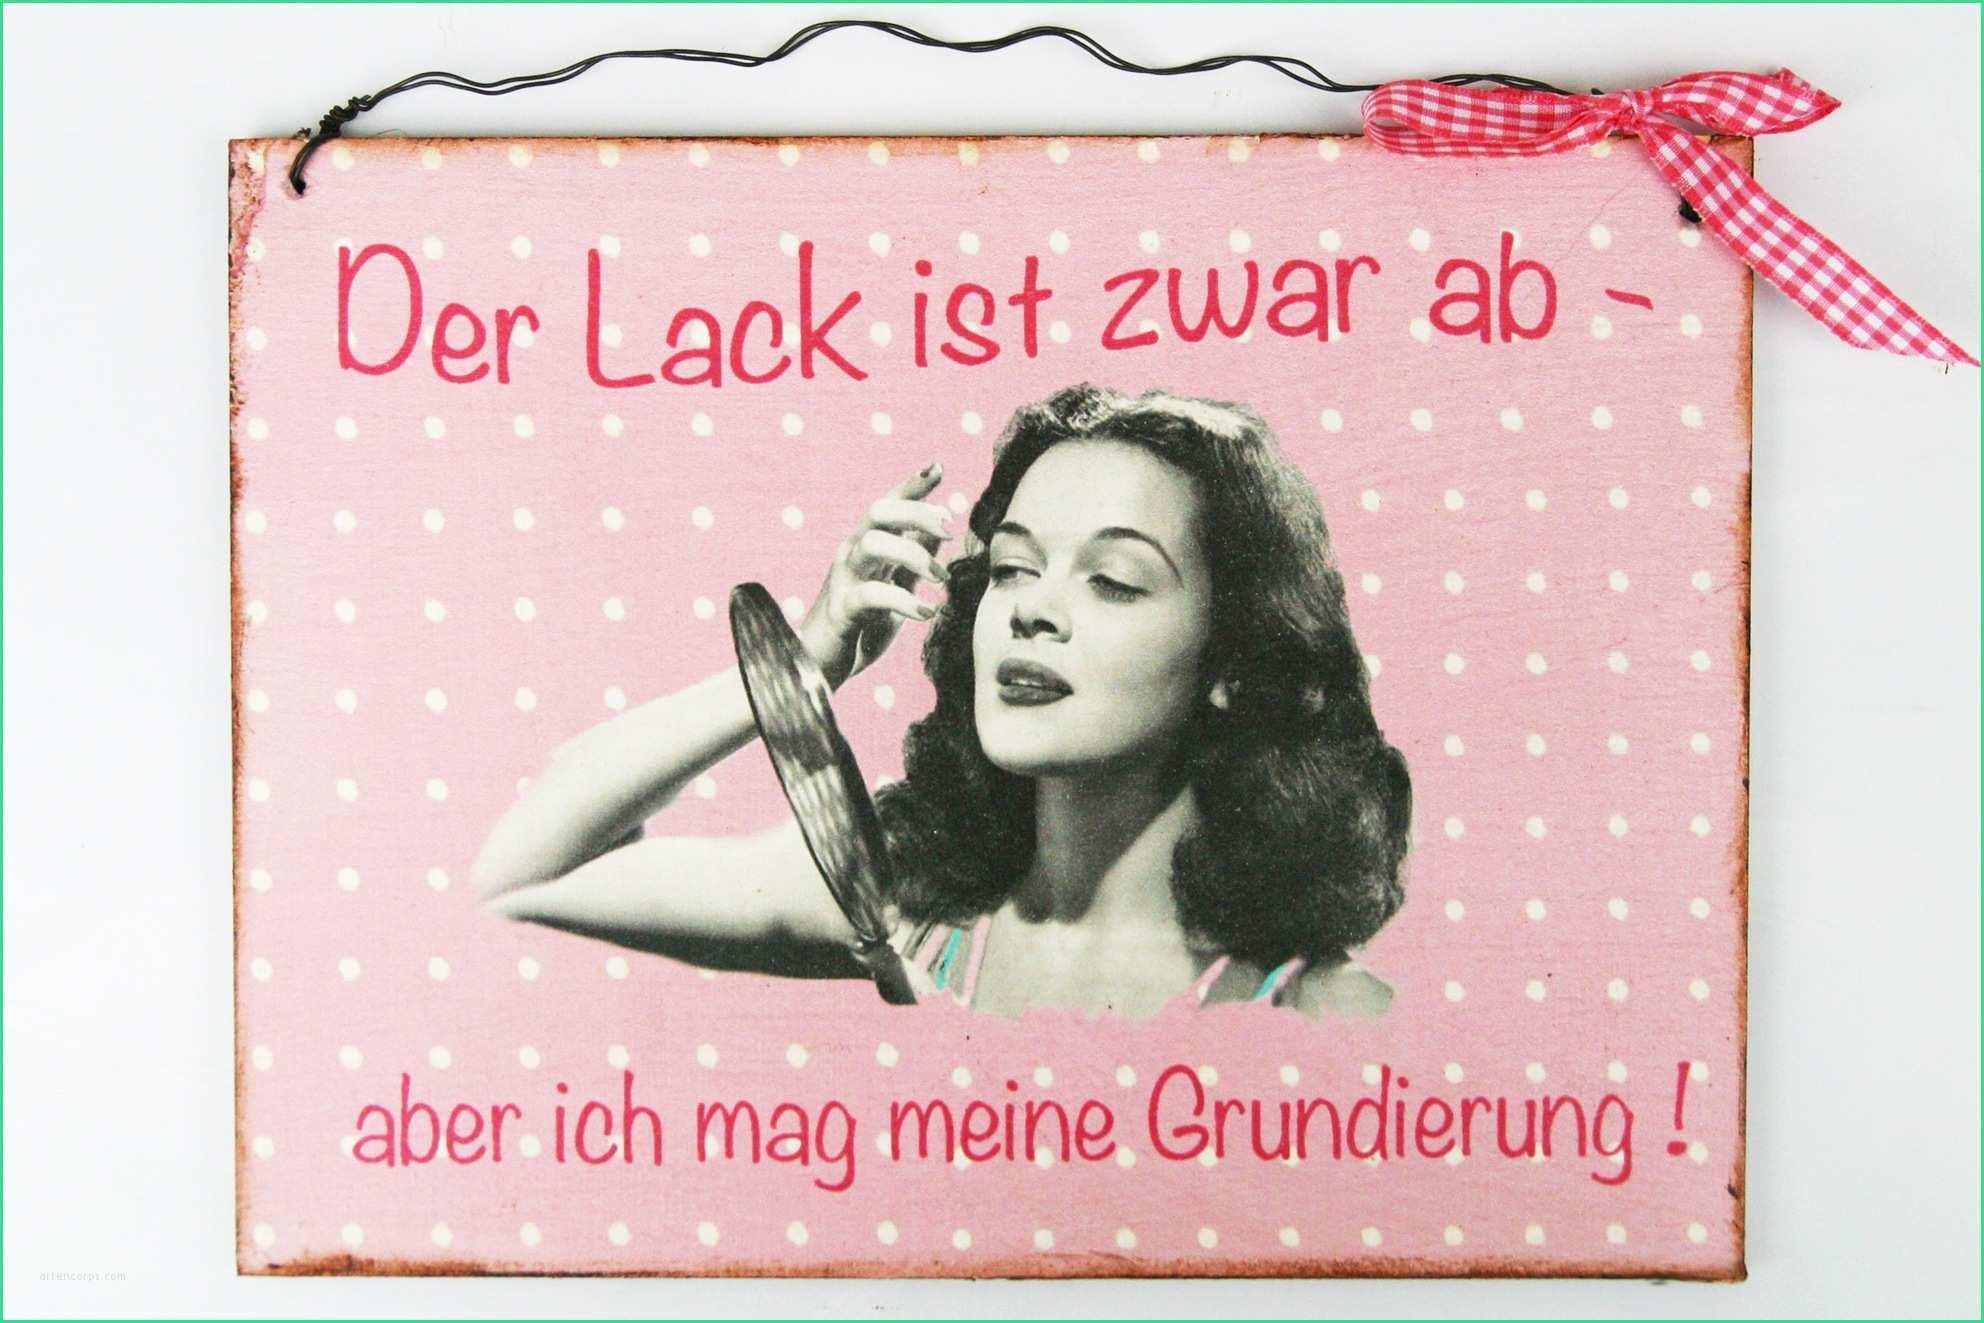 Geburtstagssprüche 80. Geburtstag  Geburtstagssprüche 40 Frau Lustig Great Geschenk 80